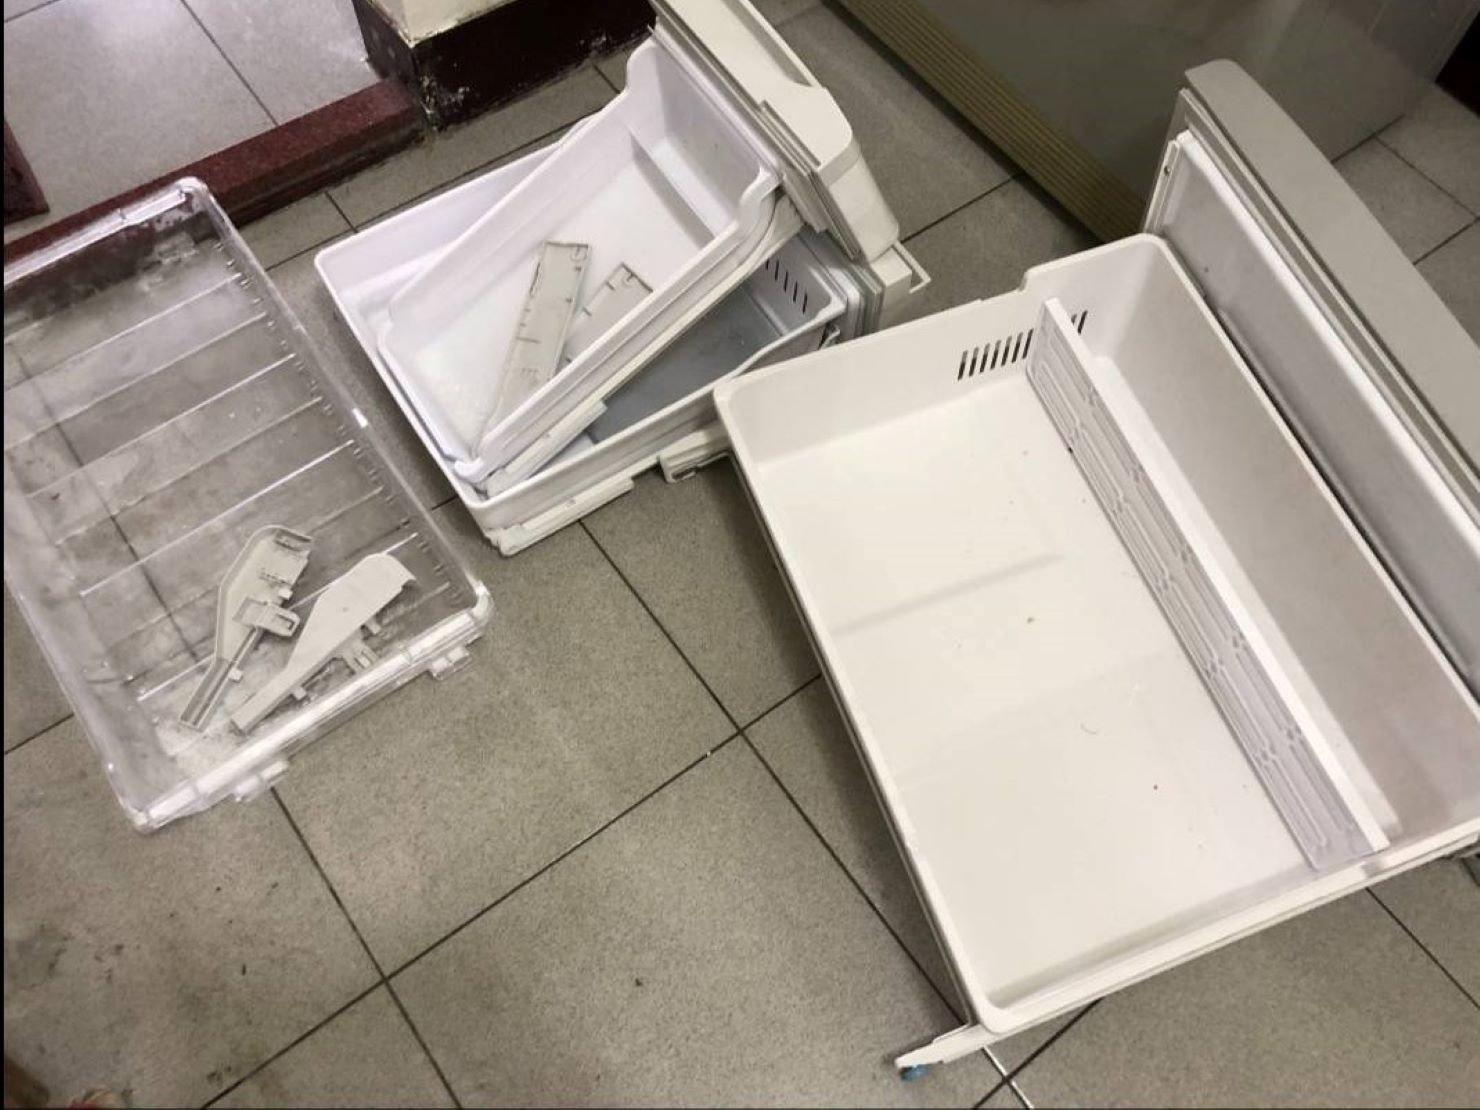 冰箱搬運【榮福搬家】專業服務值得您的選擇:冰箱拆卸,防止活動櫃滑落